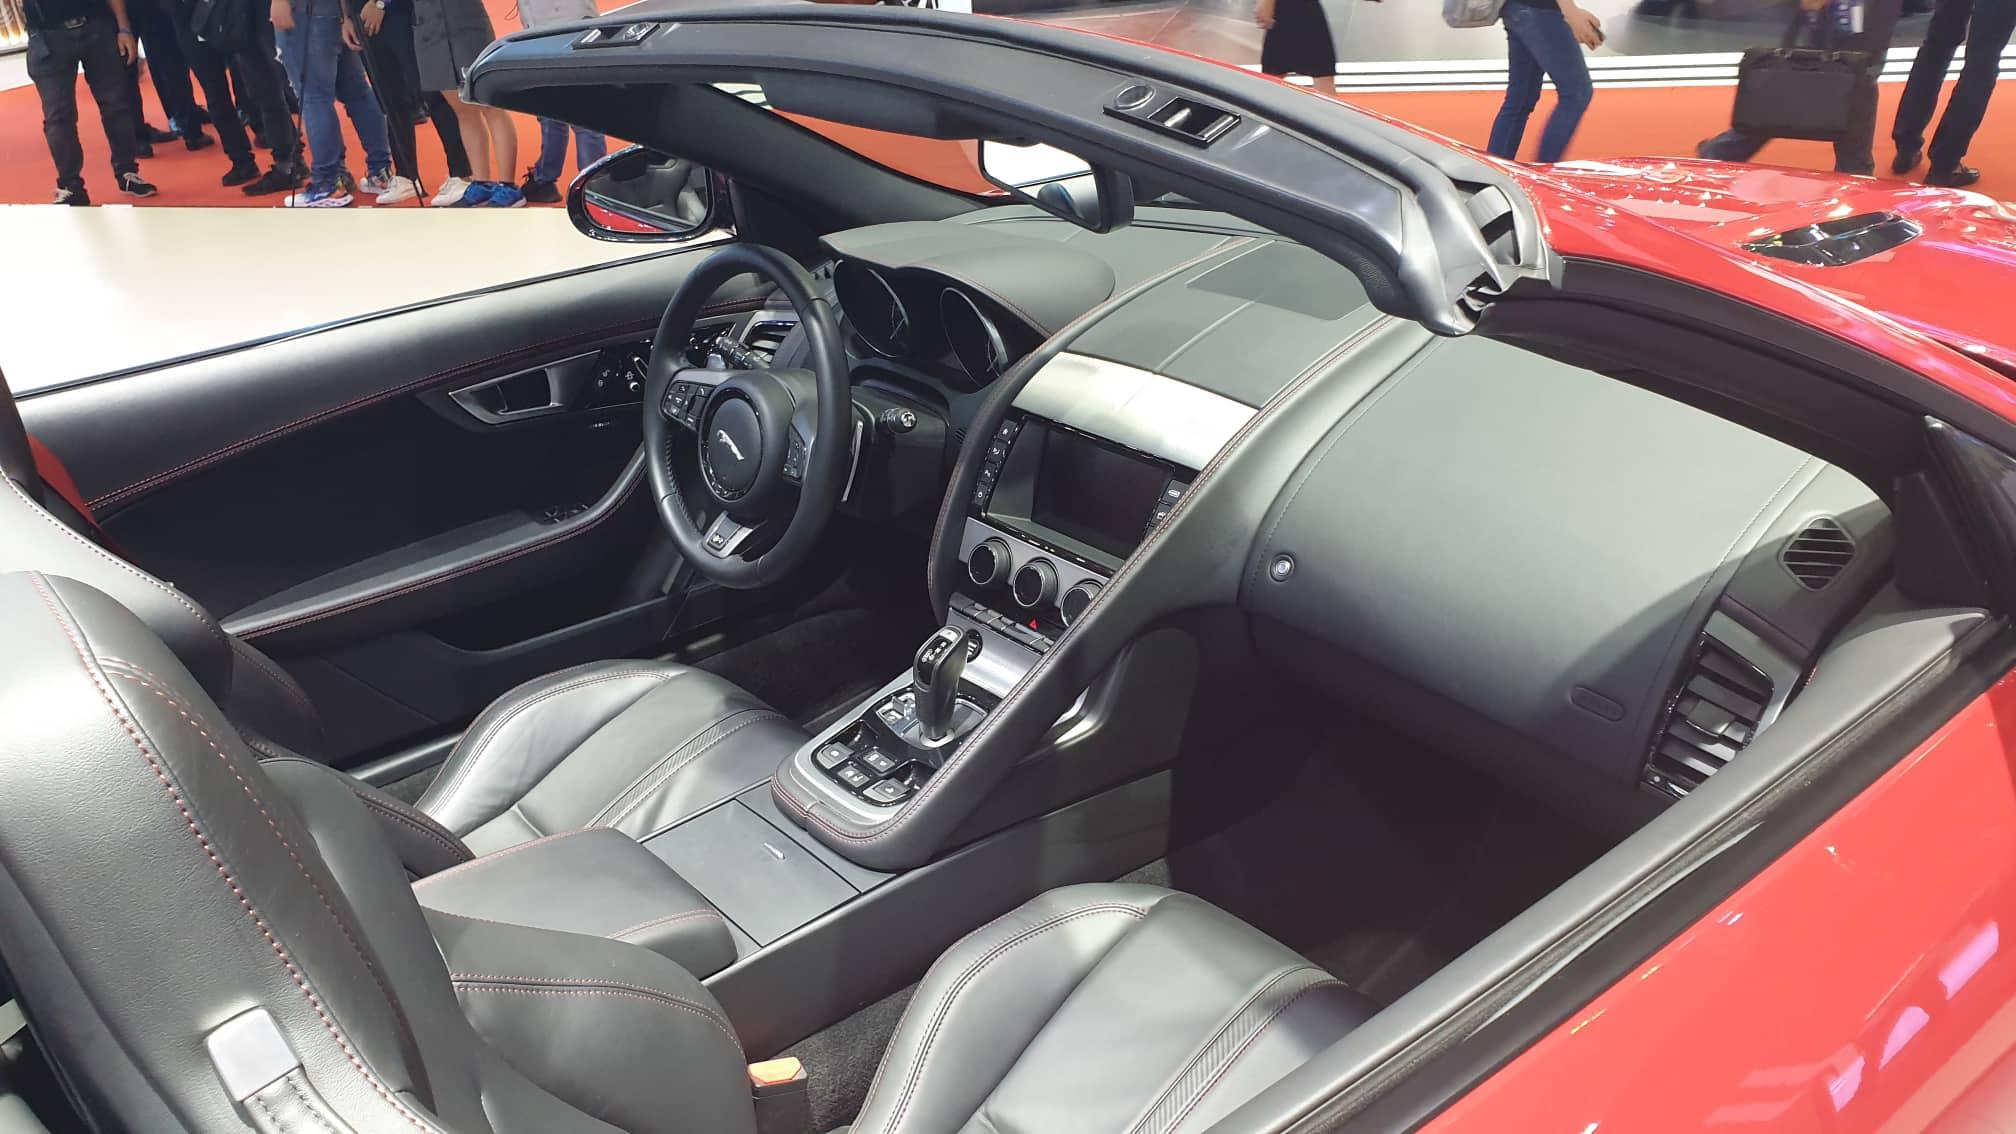 [VMS 2019] Cận cảnh Jaguar F-Type phiên bản R Convertible giá 13 tỉ đồng tại Việt Nam - 2